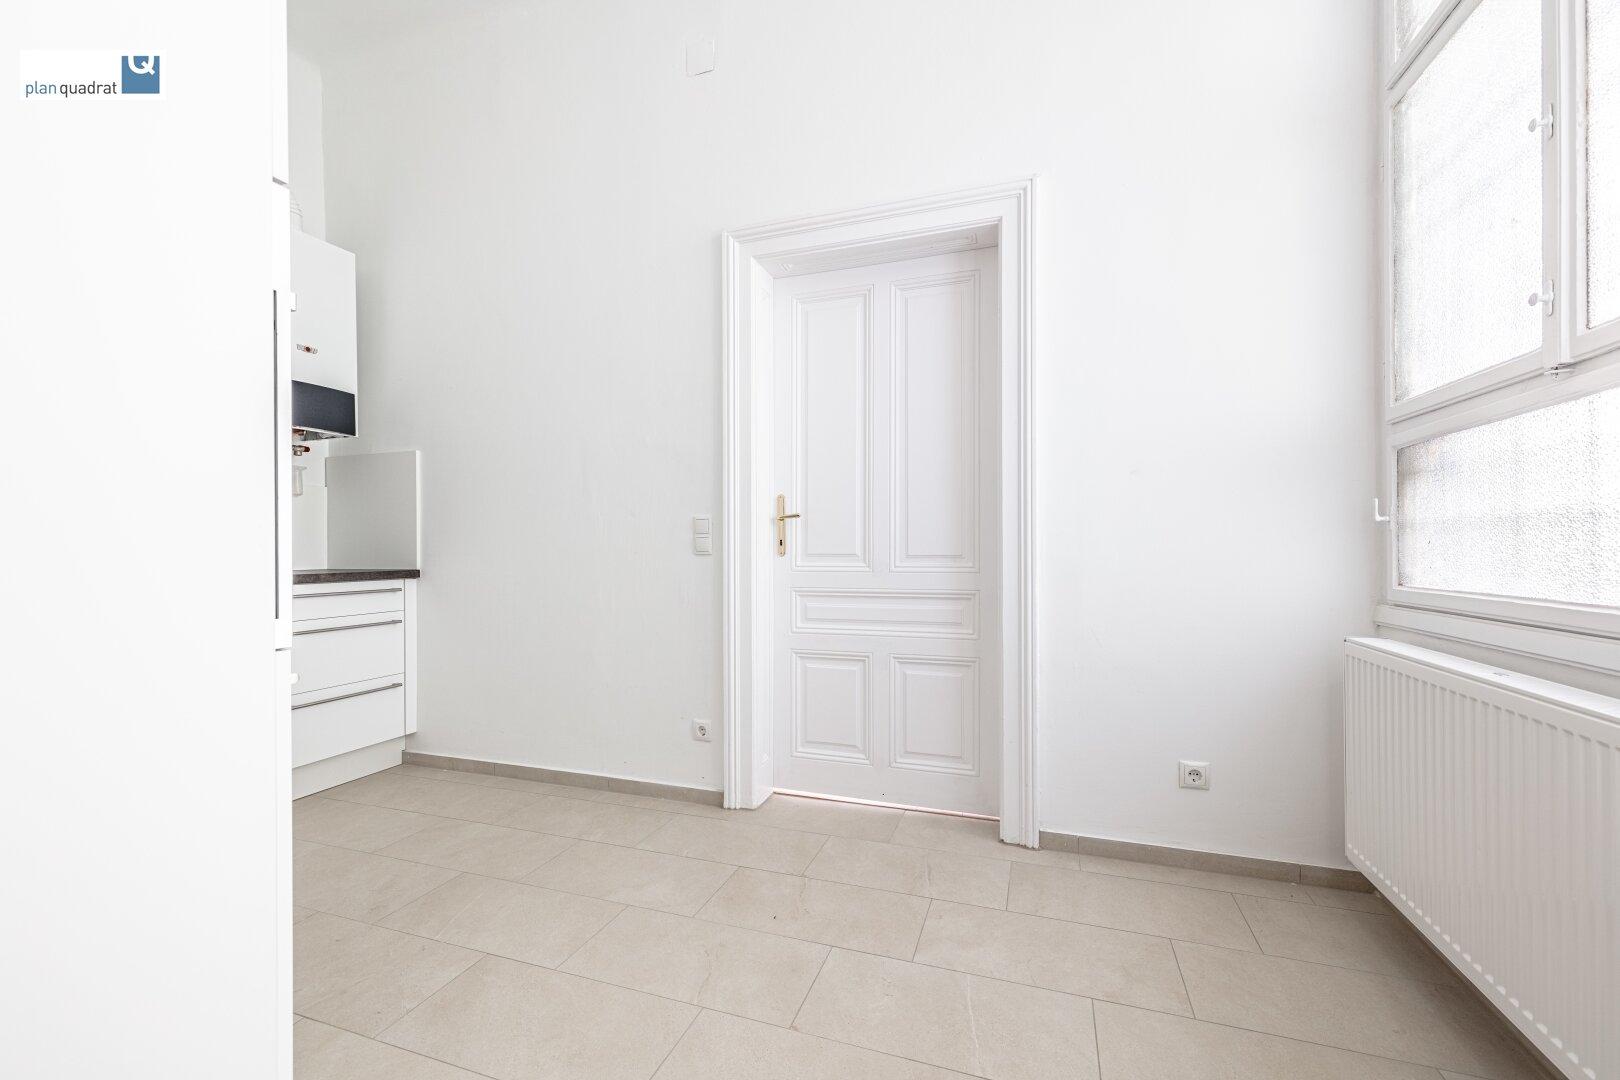 Küche (ca. 9,30 m²) - mit neuer Ausstattung